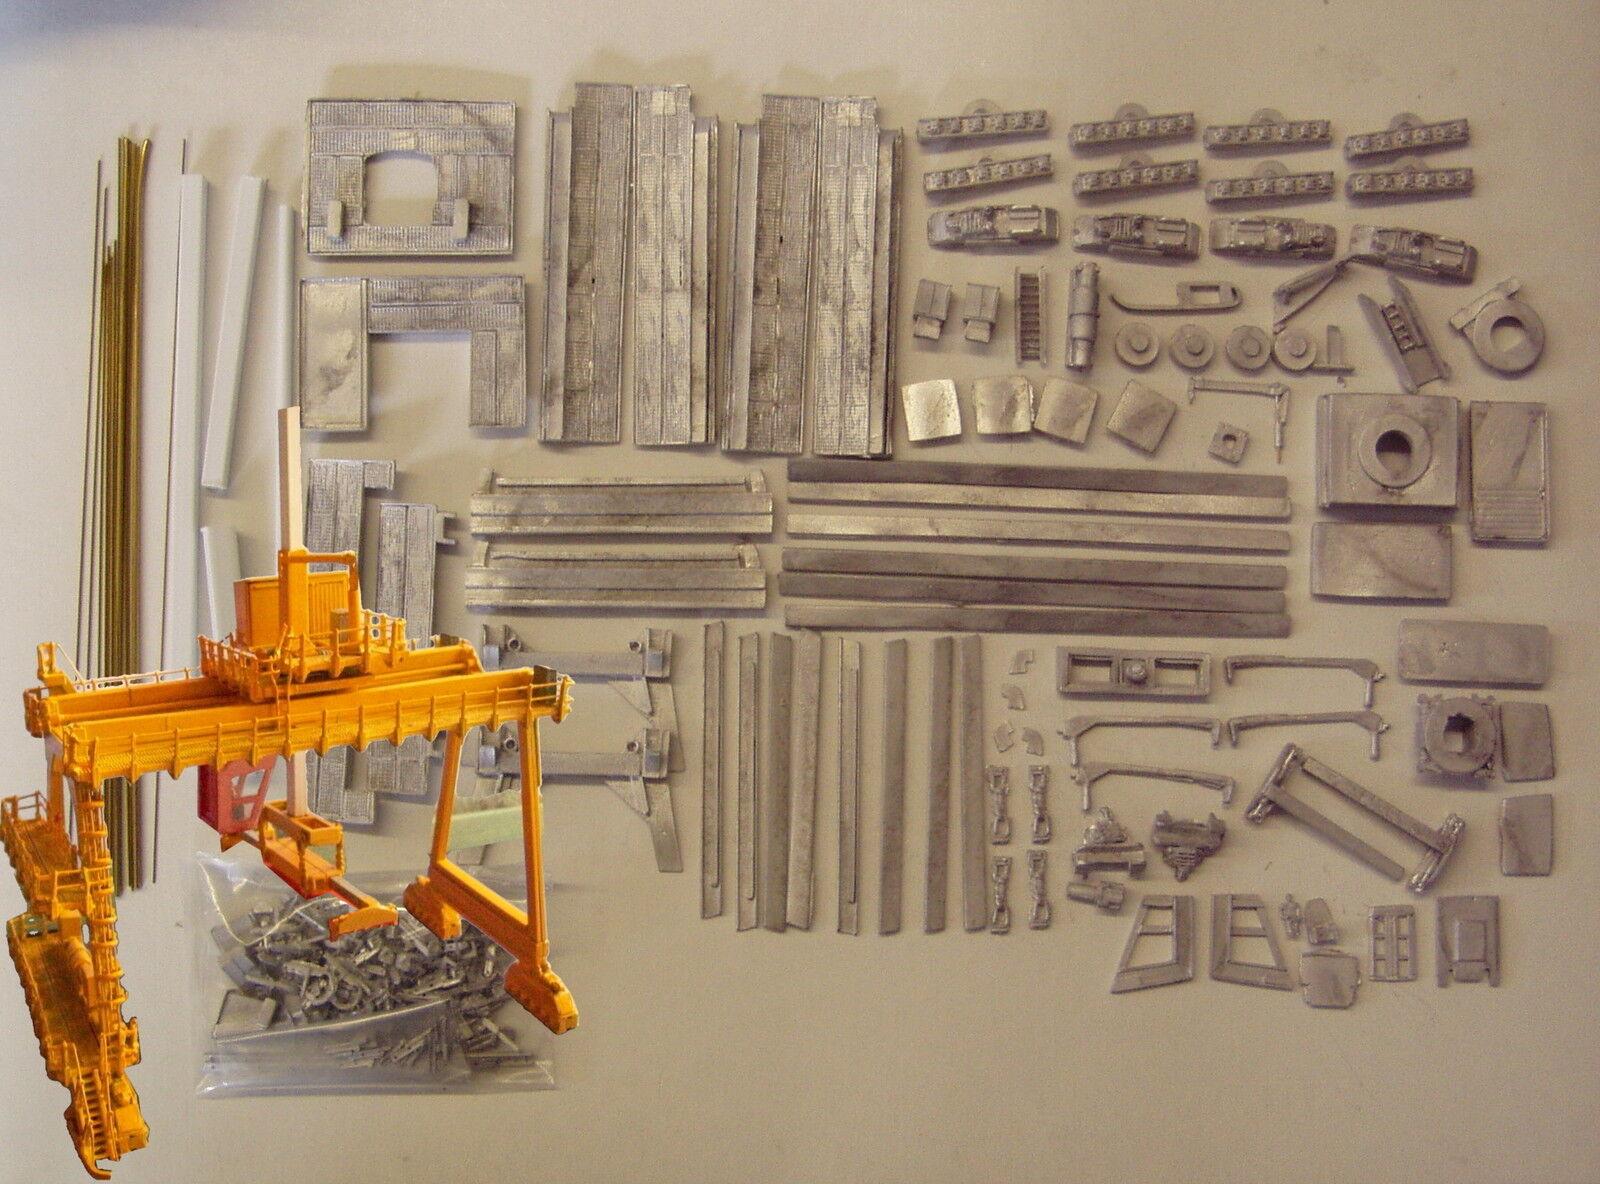 P&D Marsh N Gauge N Scale M10 Rail Mounted Gantry crane kit requires painting